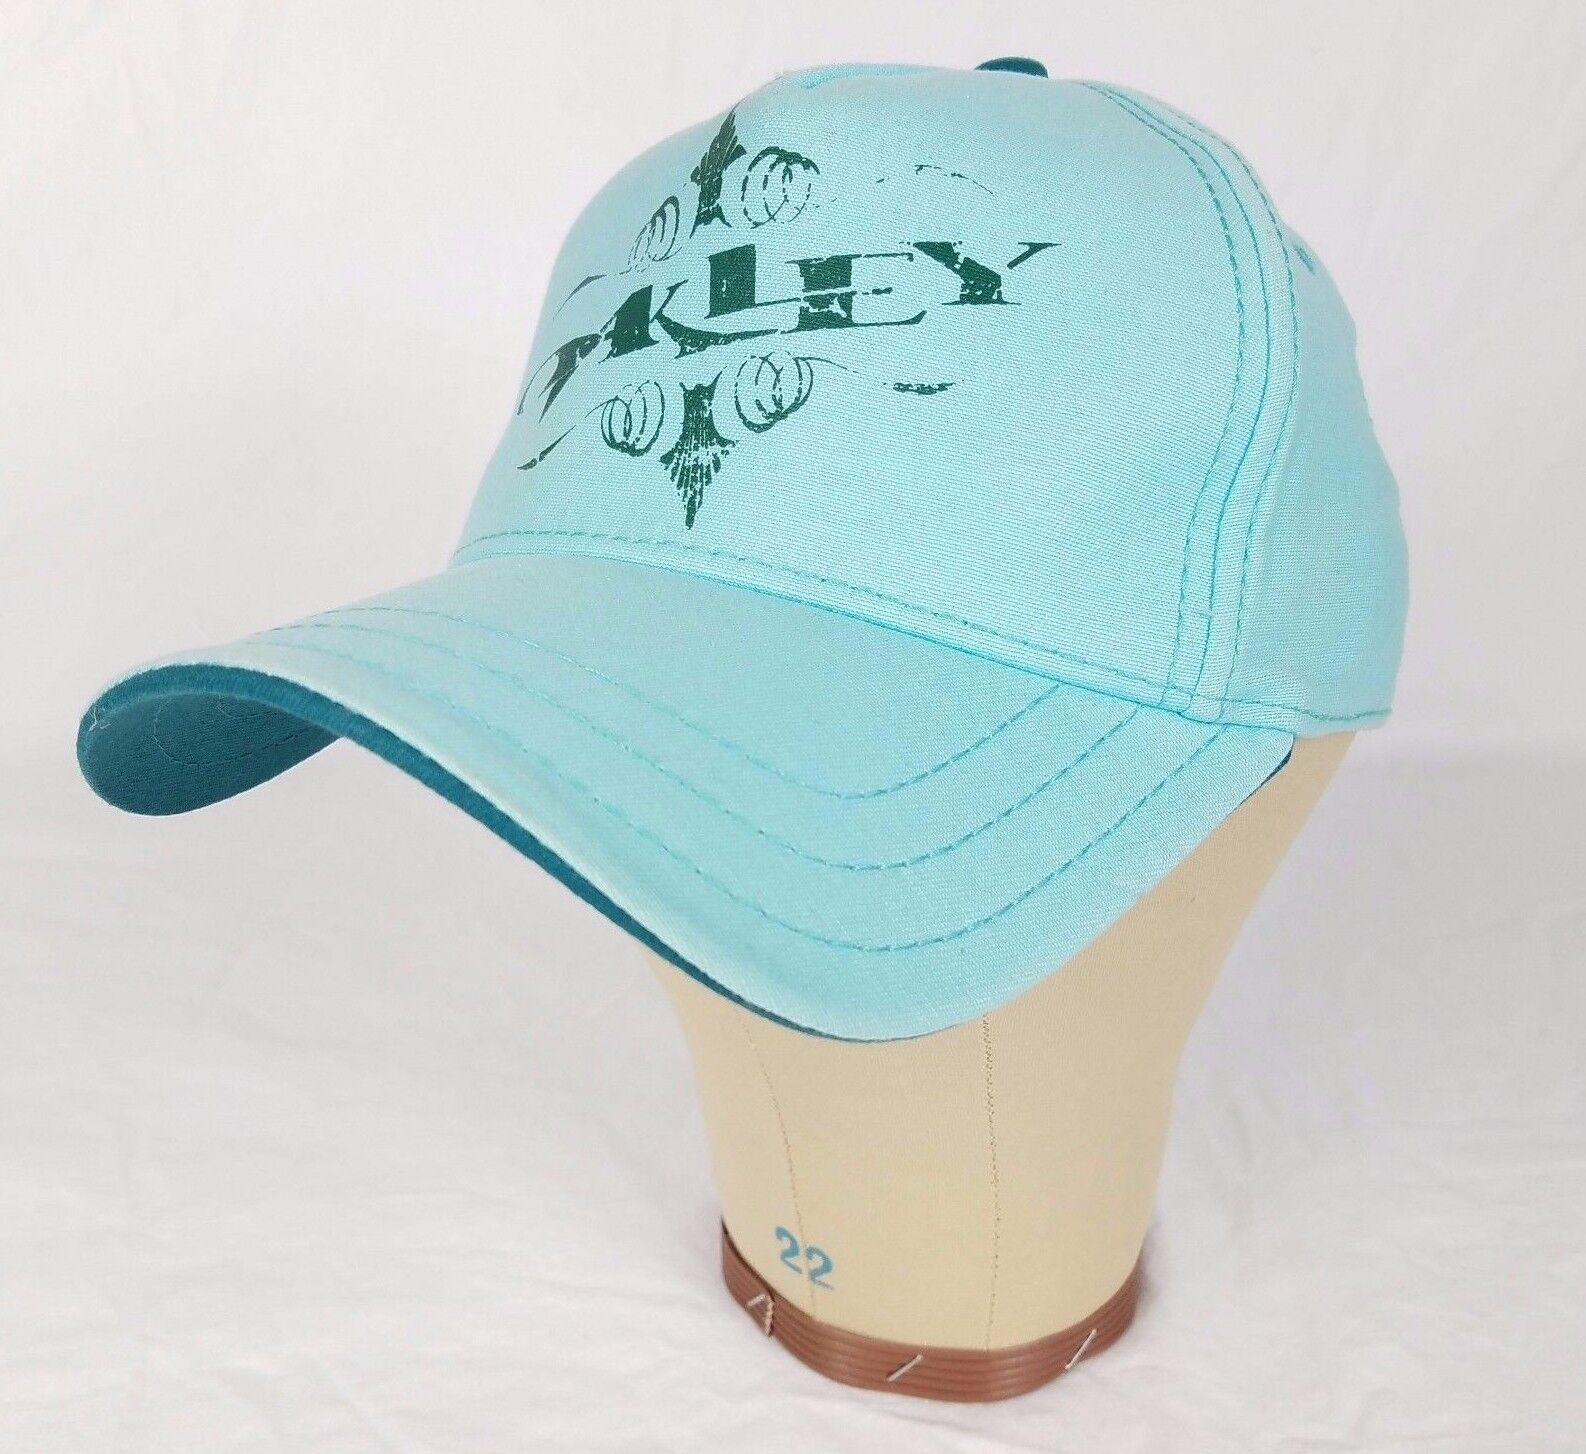 Oakley A-Flex Baseball Fit Light Blue Fitted Baseball A-Flex Cap Hat S/M Small/Medium 42663d